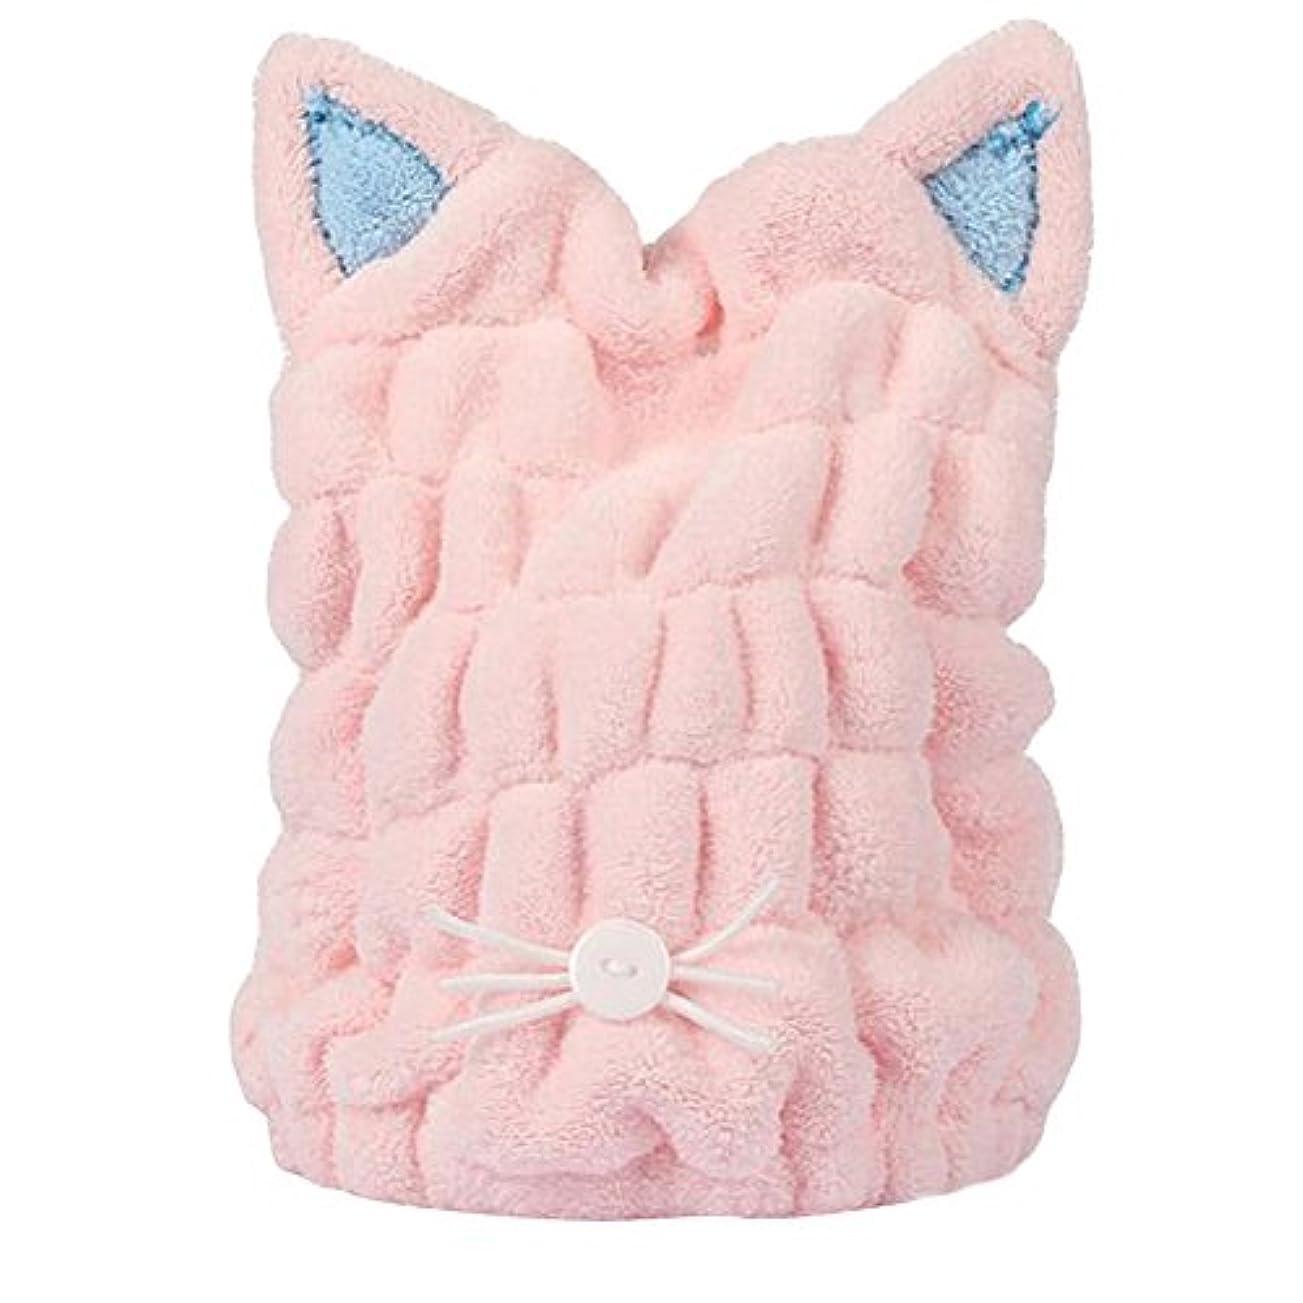 城全員雪だるまタオルキャップ 猫耳 ヘアドライキャップ 吸水 乾燥用 お風呂用 マイクロファイバー 可愛い (ピンク)